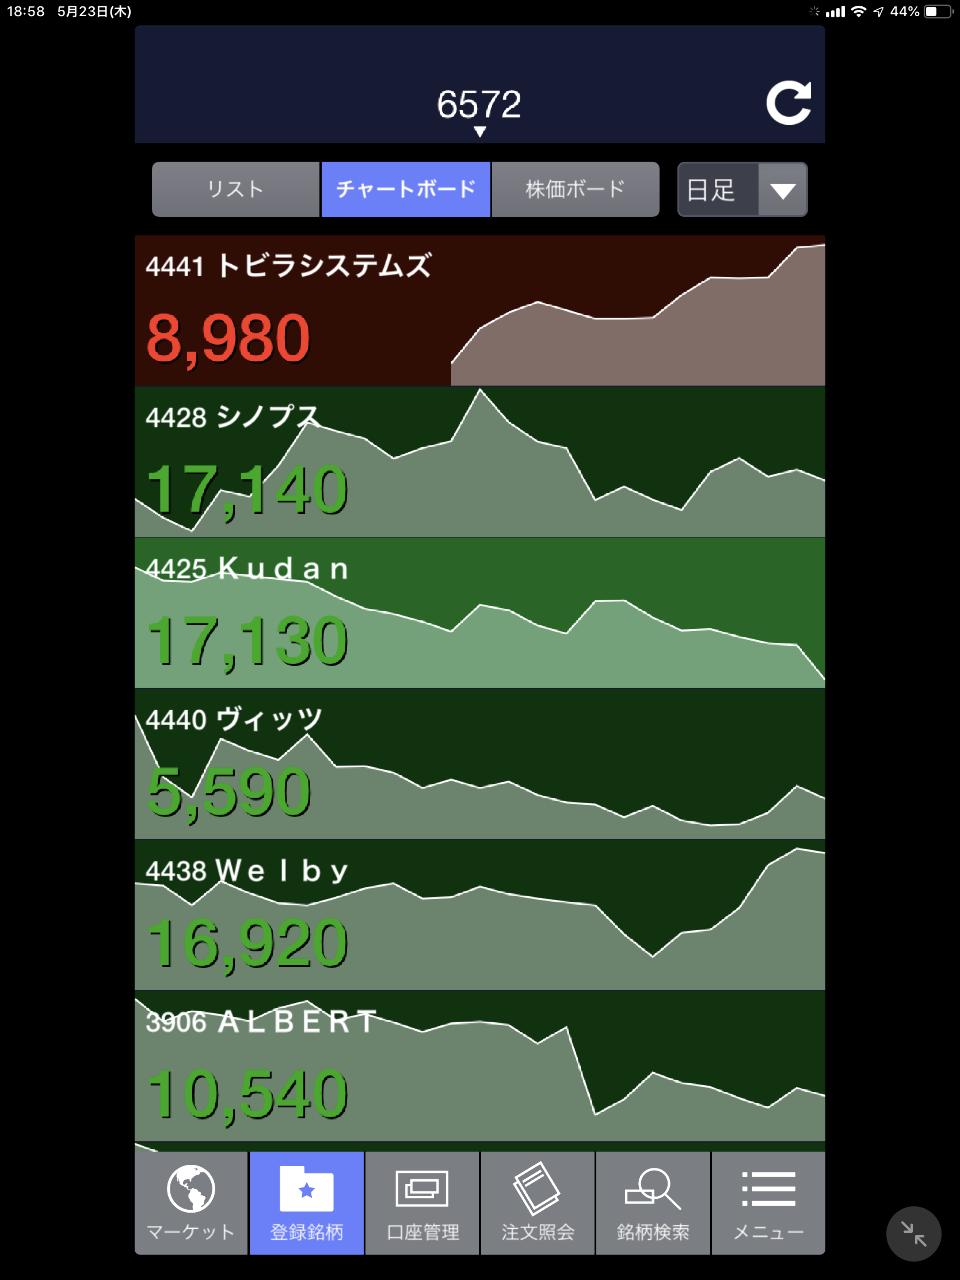 4425 - Kudan(株) ひどいチャート